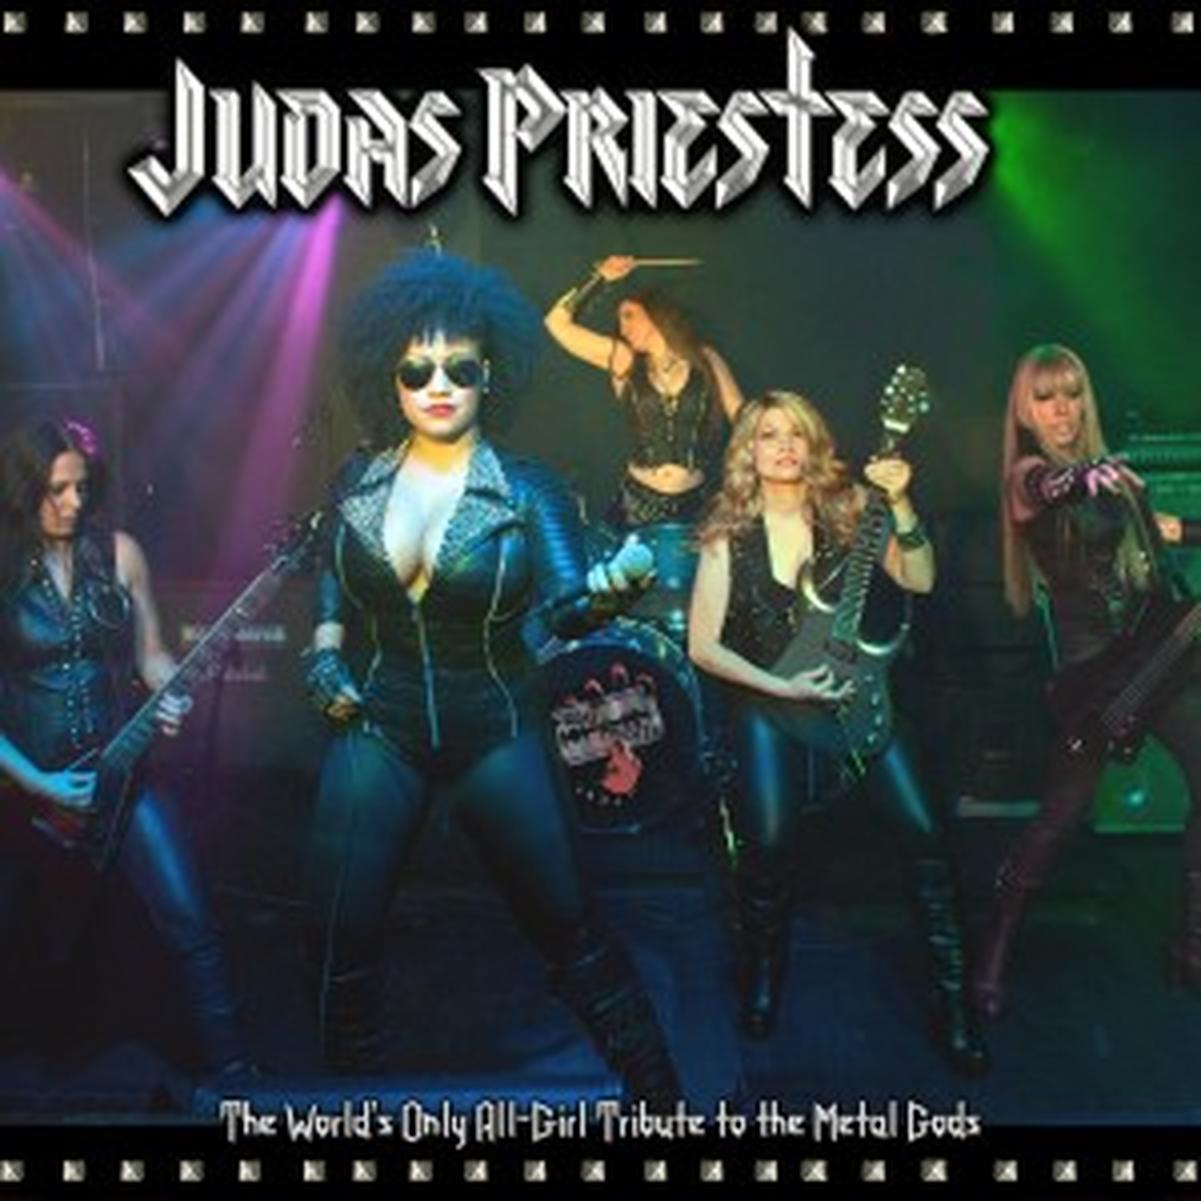 Judas_Priestess wiki, Judas_Priestess review, Judas_Priestess history, Judas_Priestess news